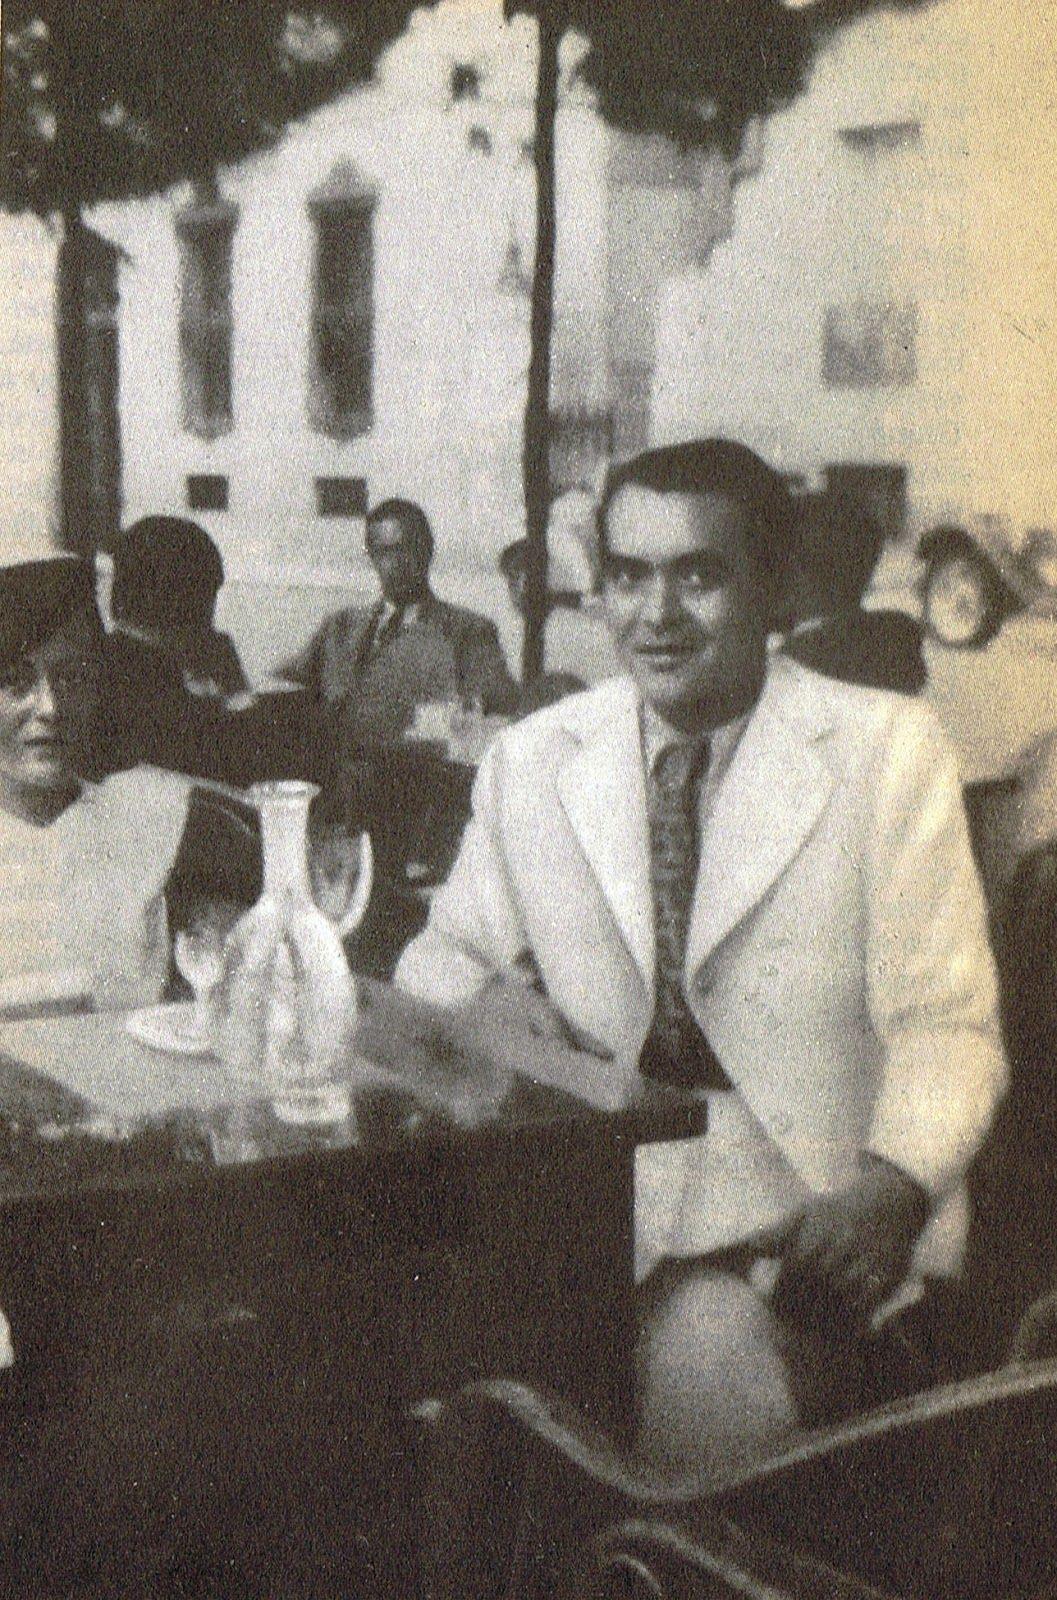 Federico En Su última Fotografía Conocida En Julio De 1936 Días Antes De Ser Fusilado A Los 38 Años Federico Garcia Lorca García Lorca Federico Garcia